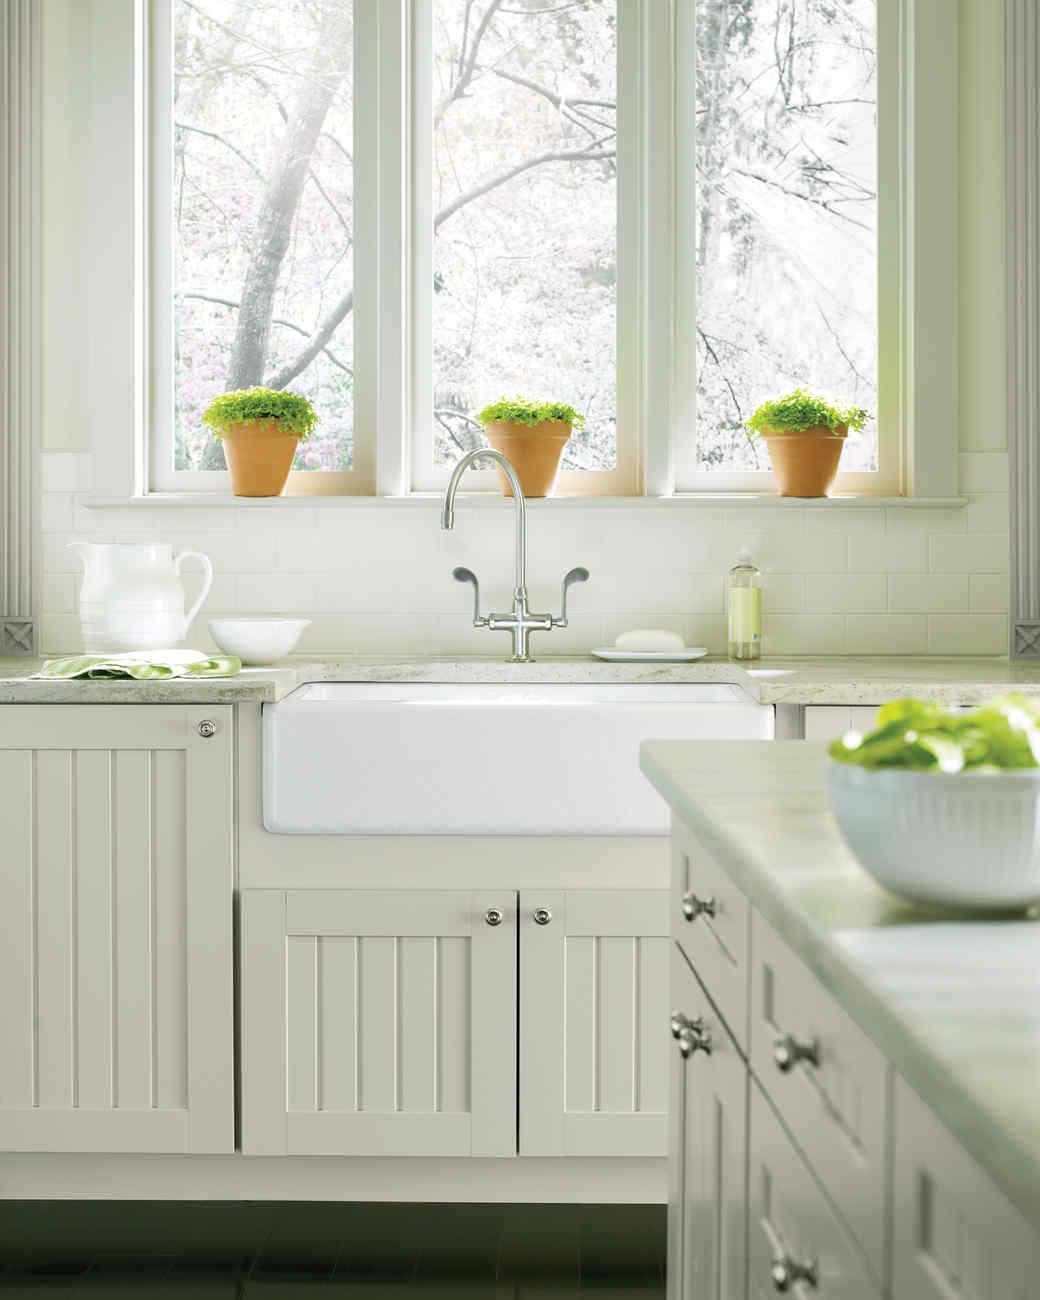 Kitchen Accents We Love | Martha Stewart